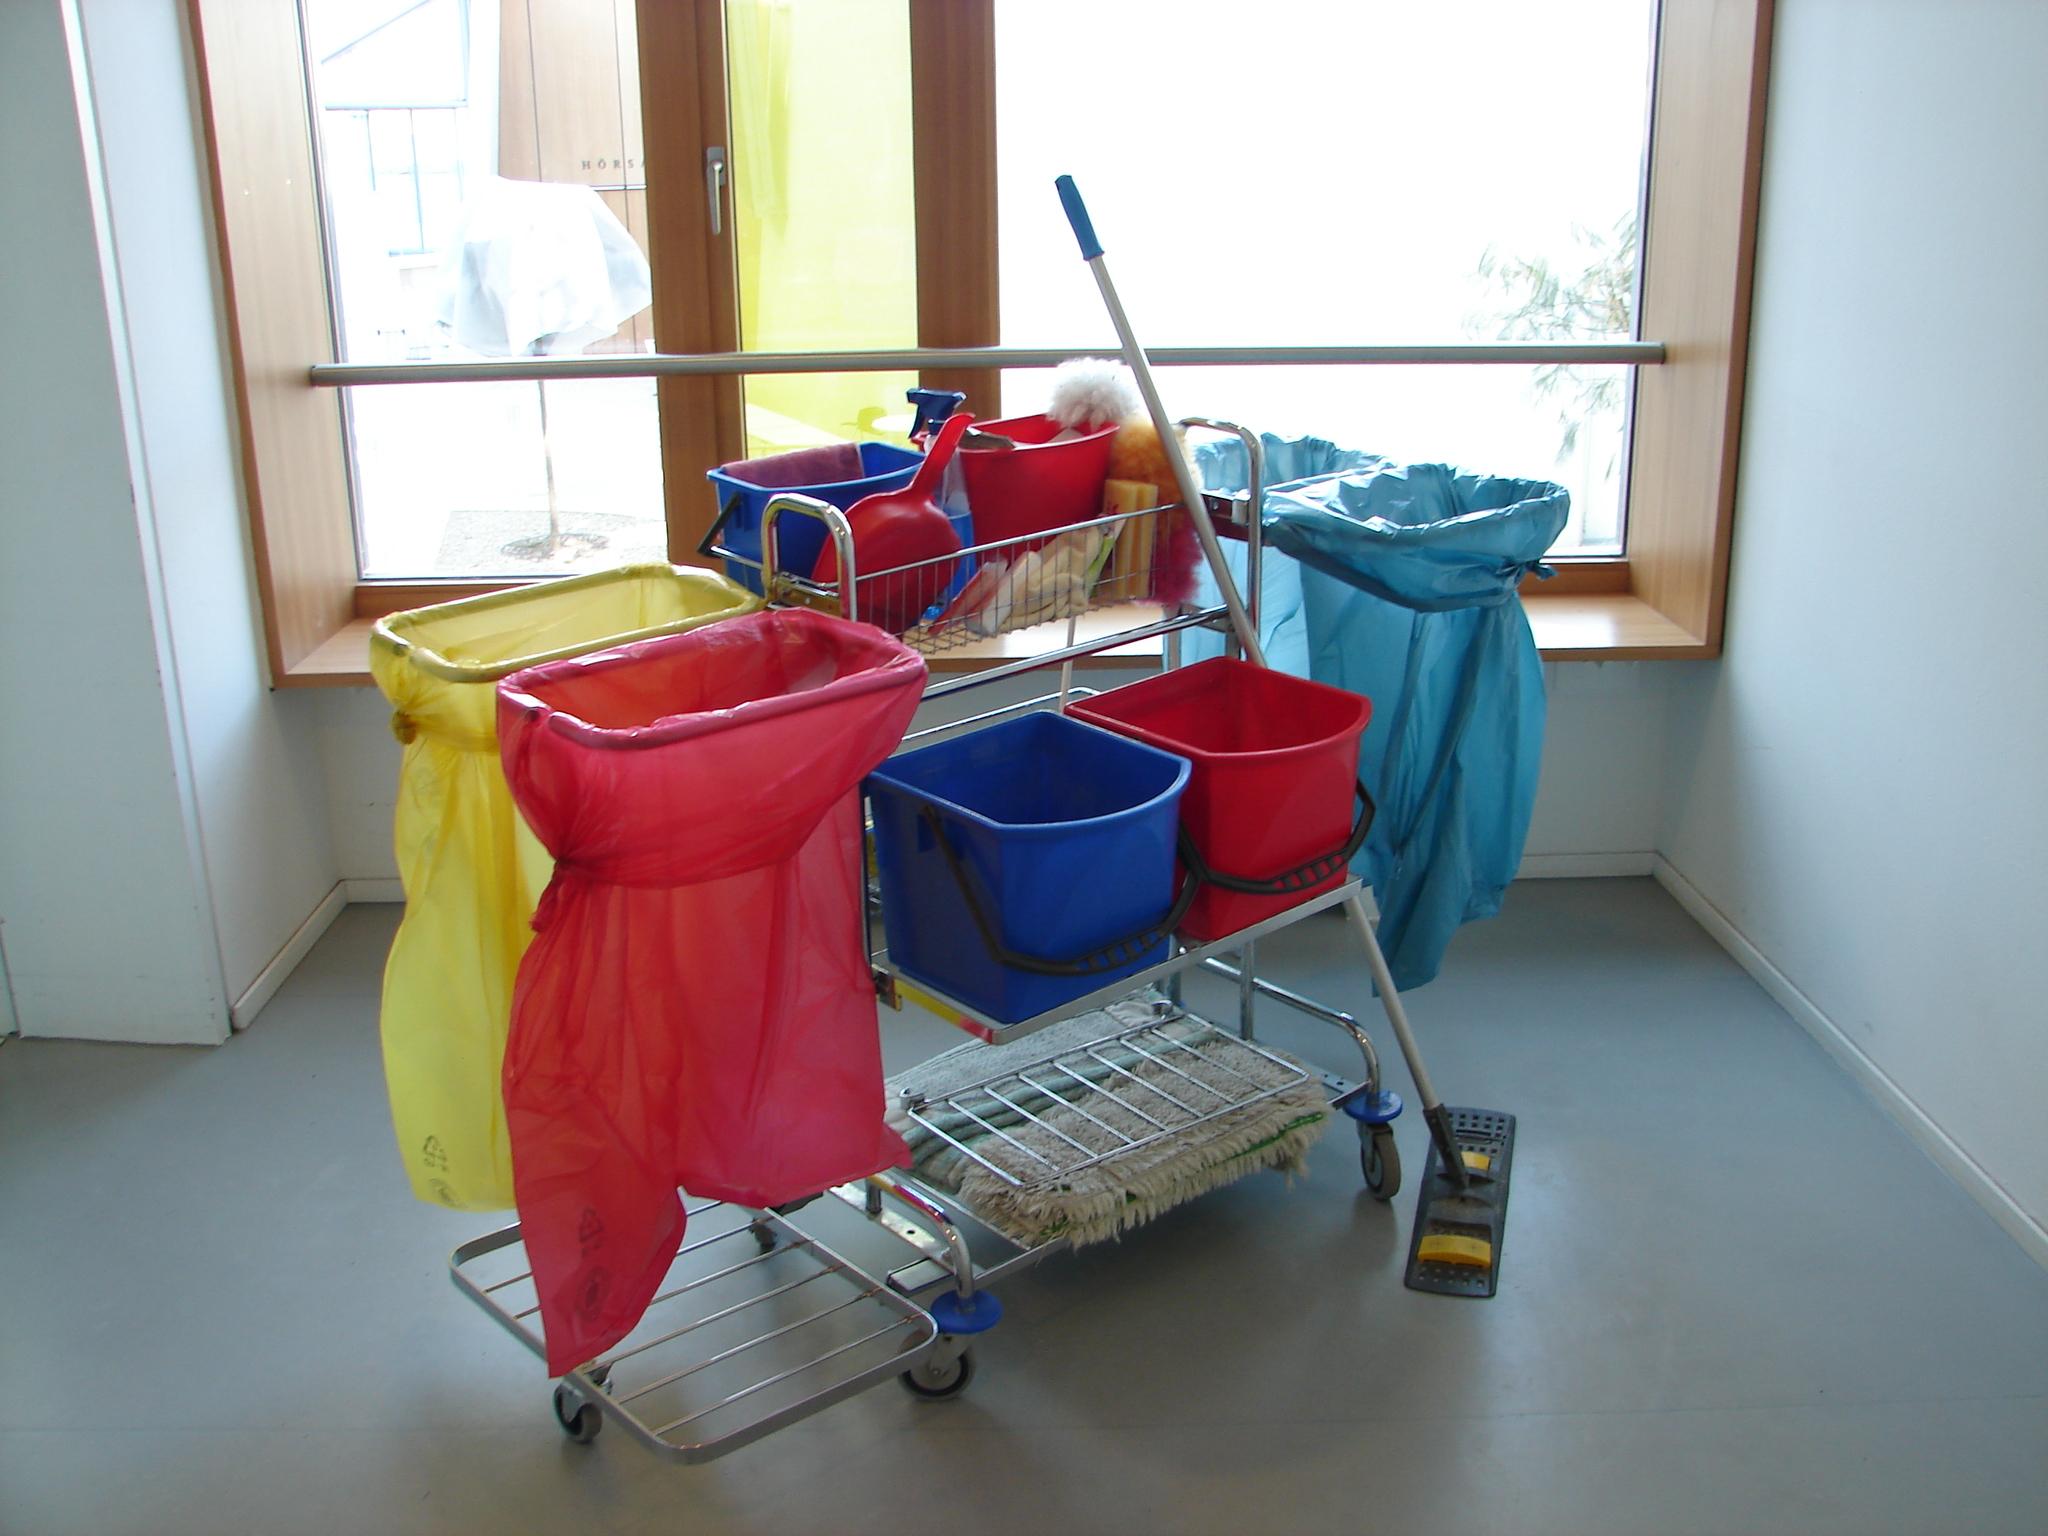 Gewerbliche Reinigung | Umweltbundesamt